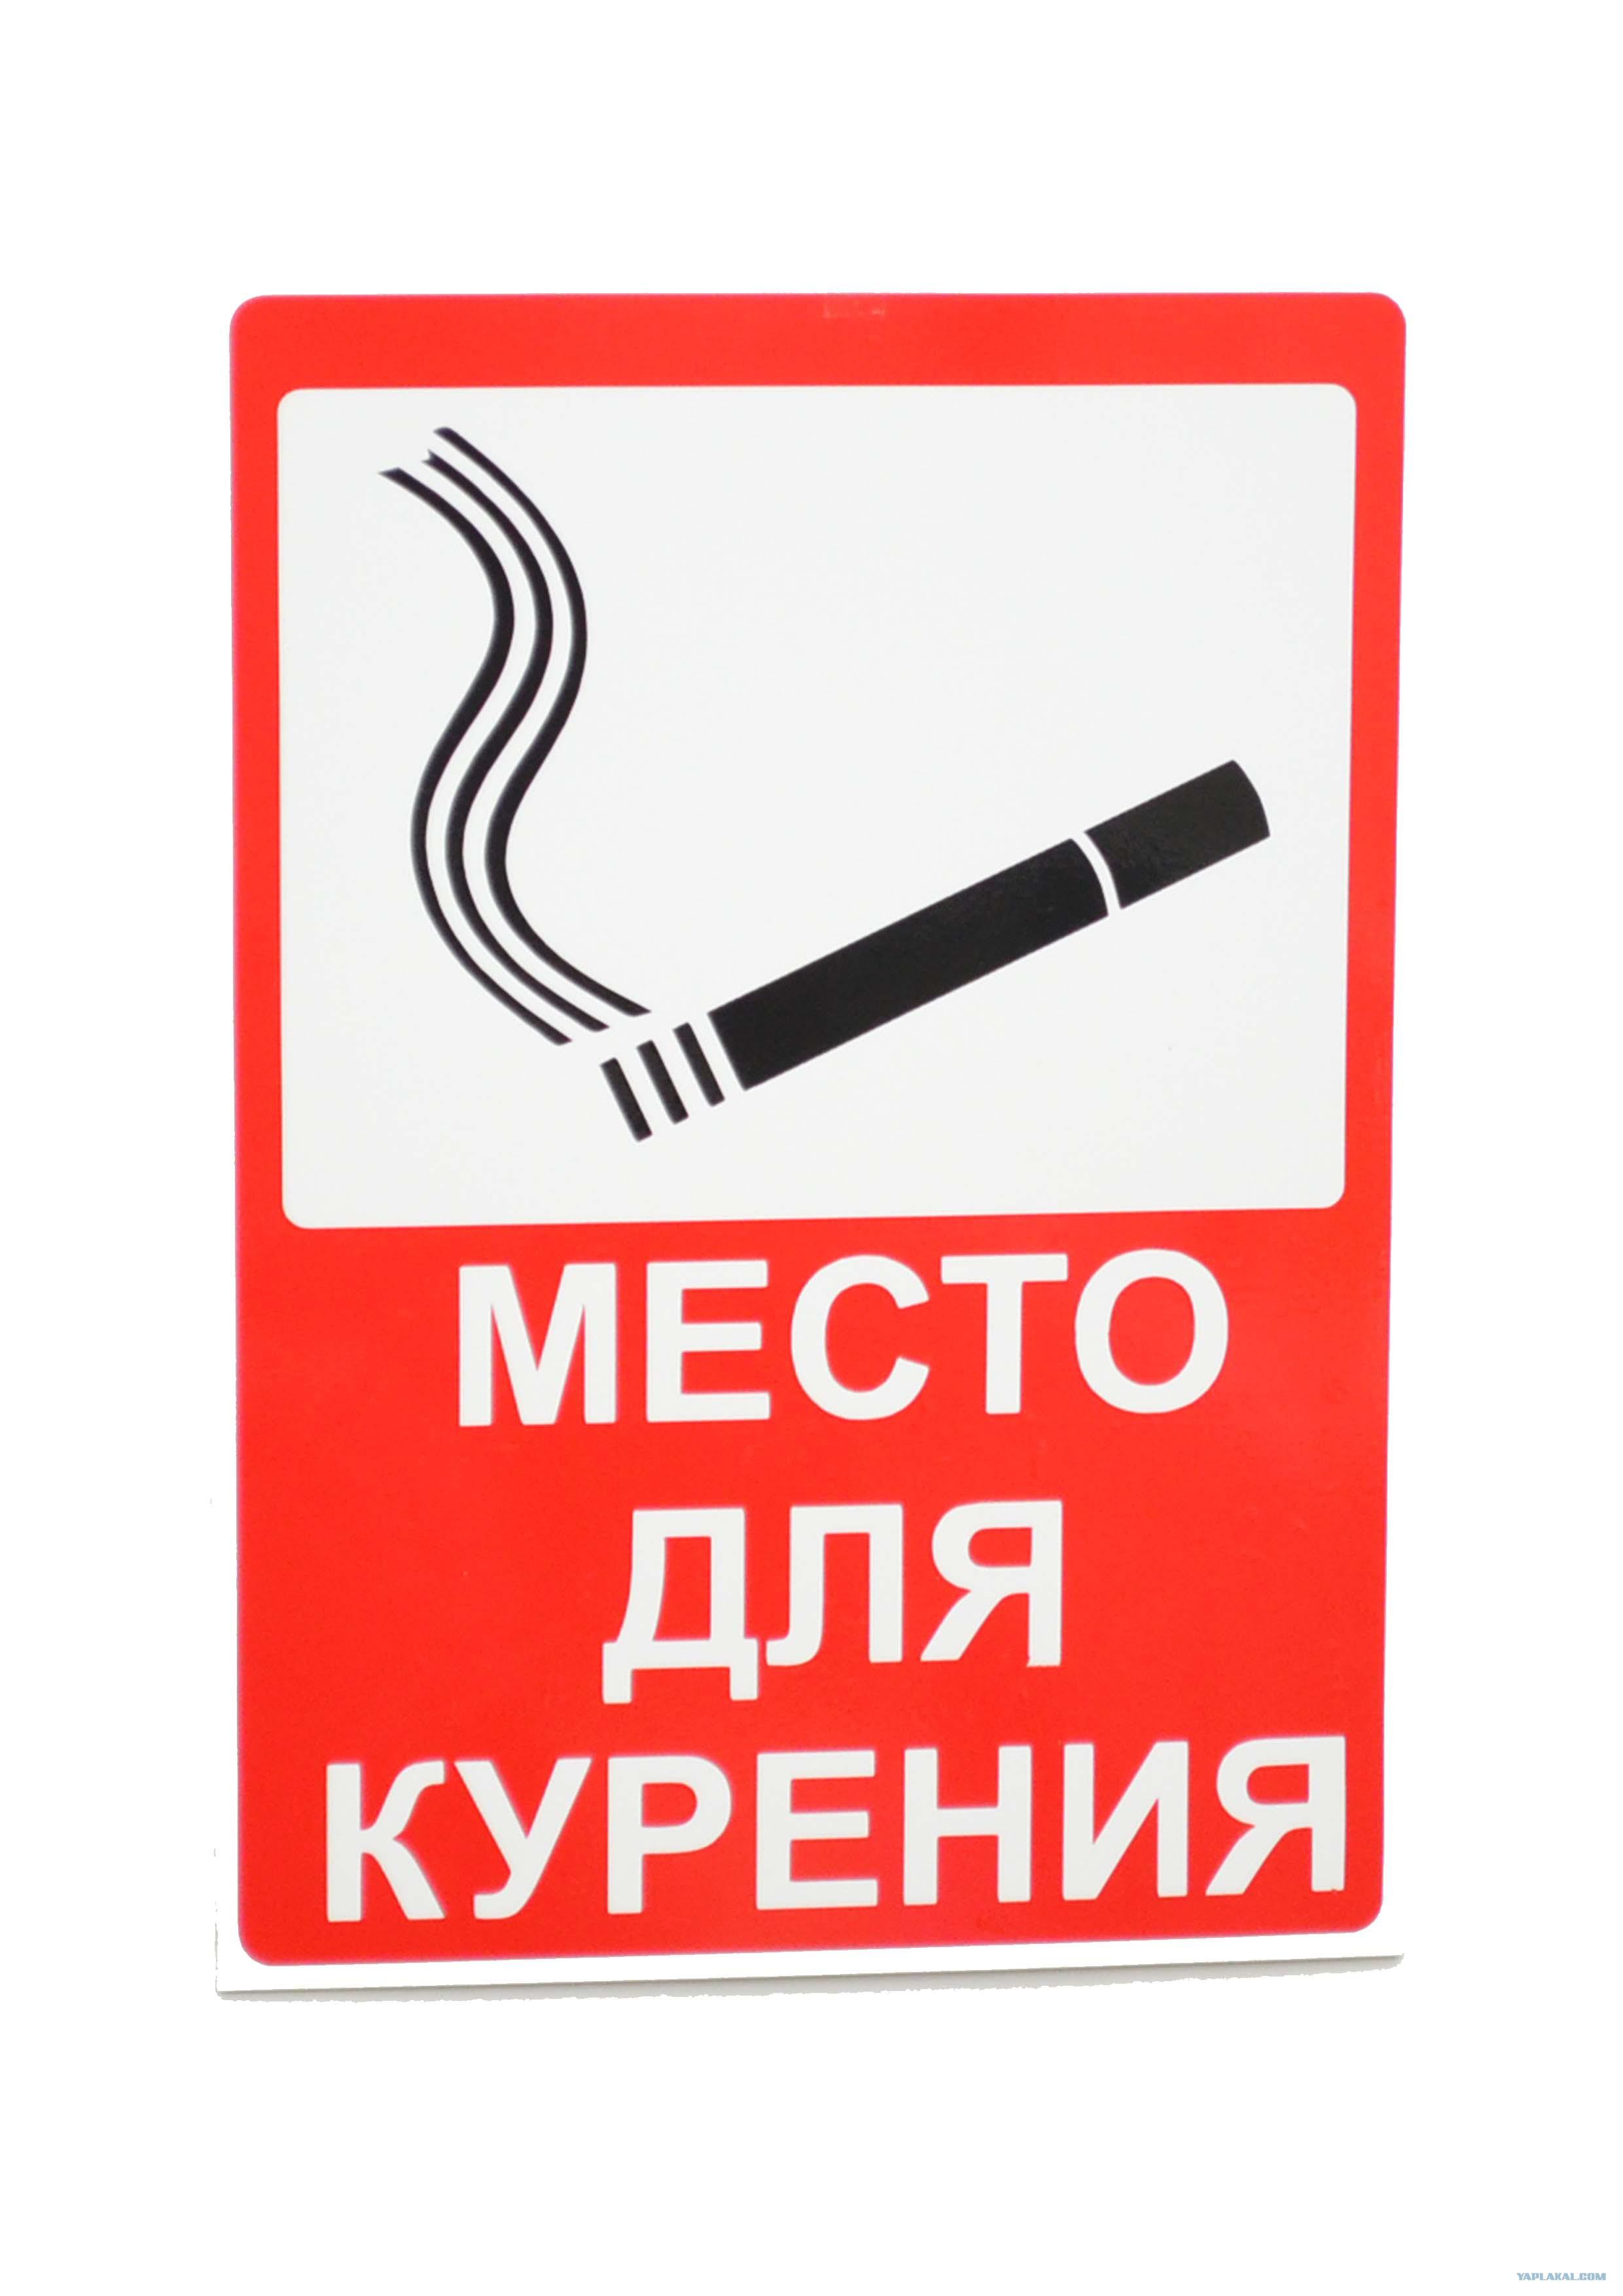 Место для курения схема